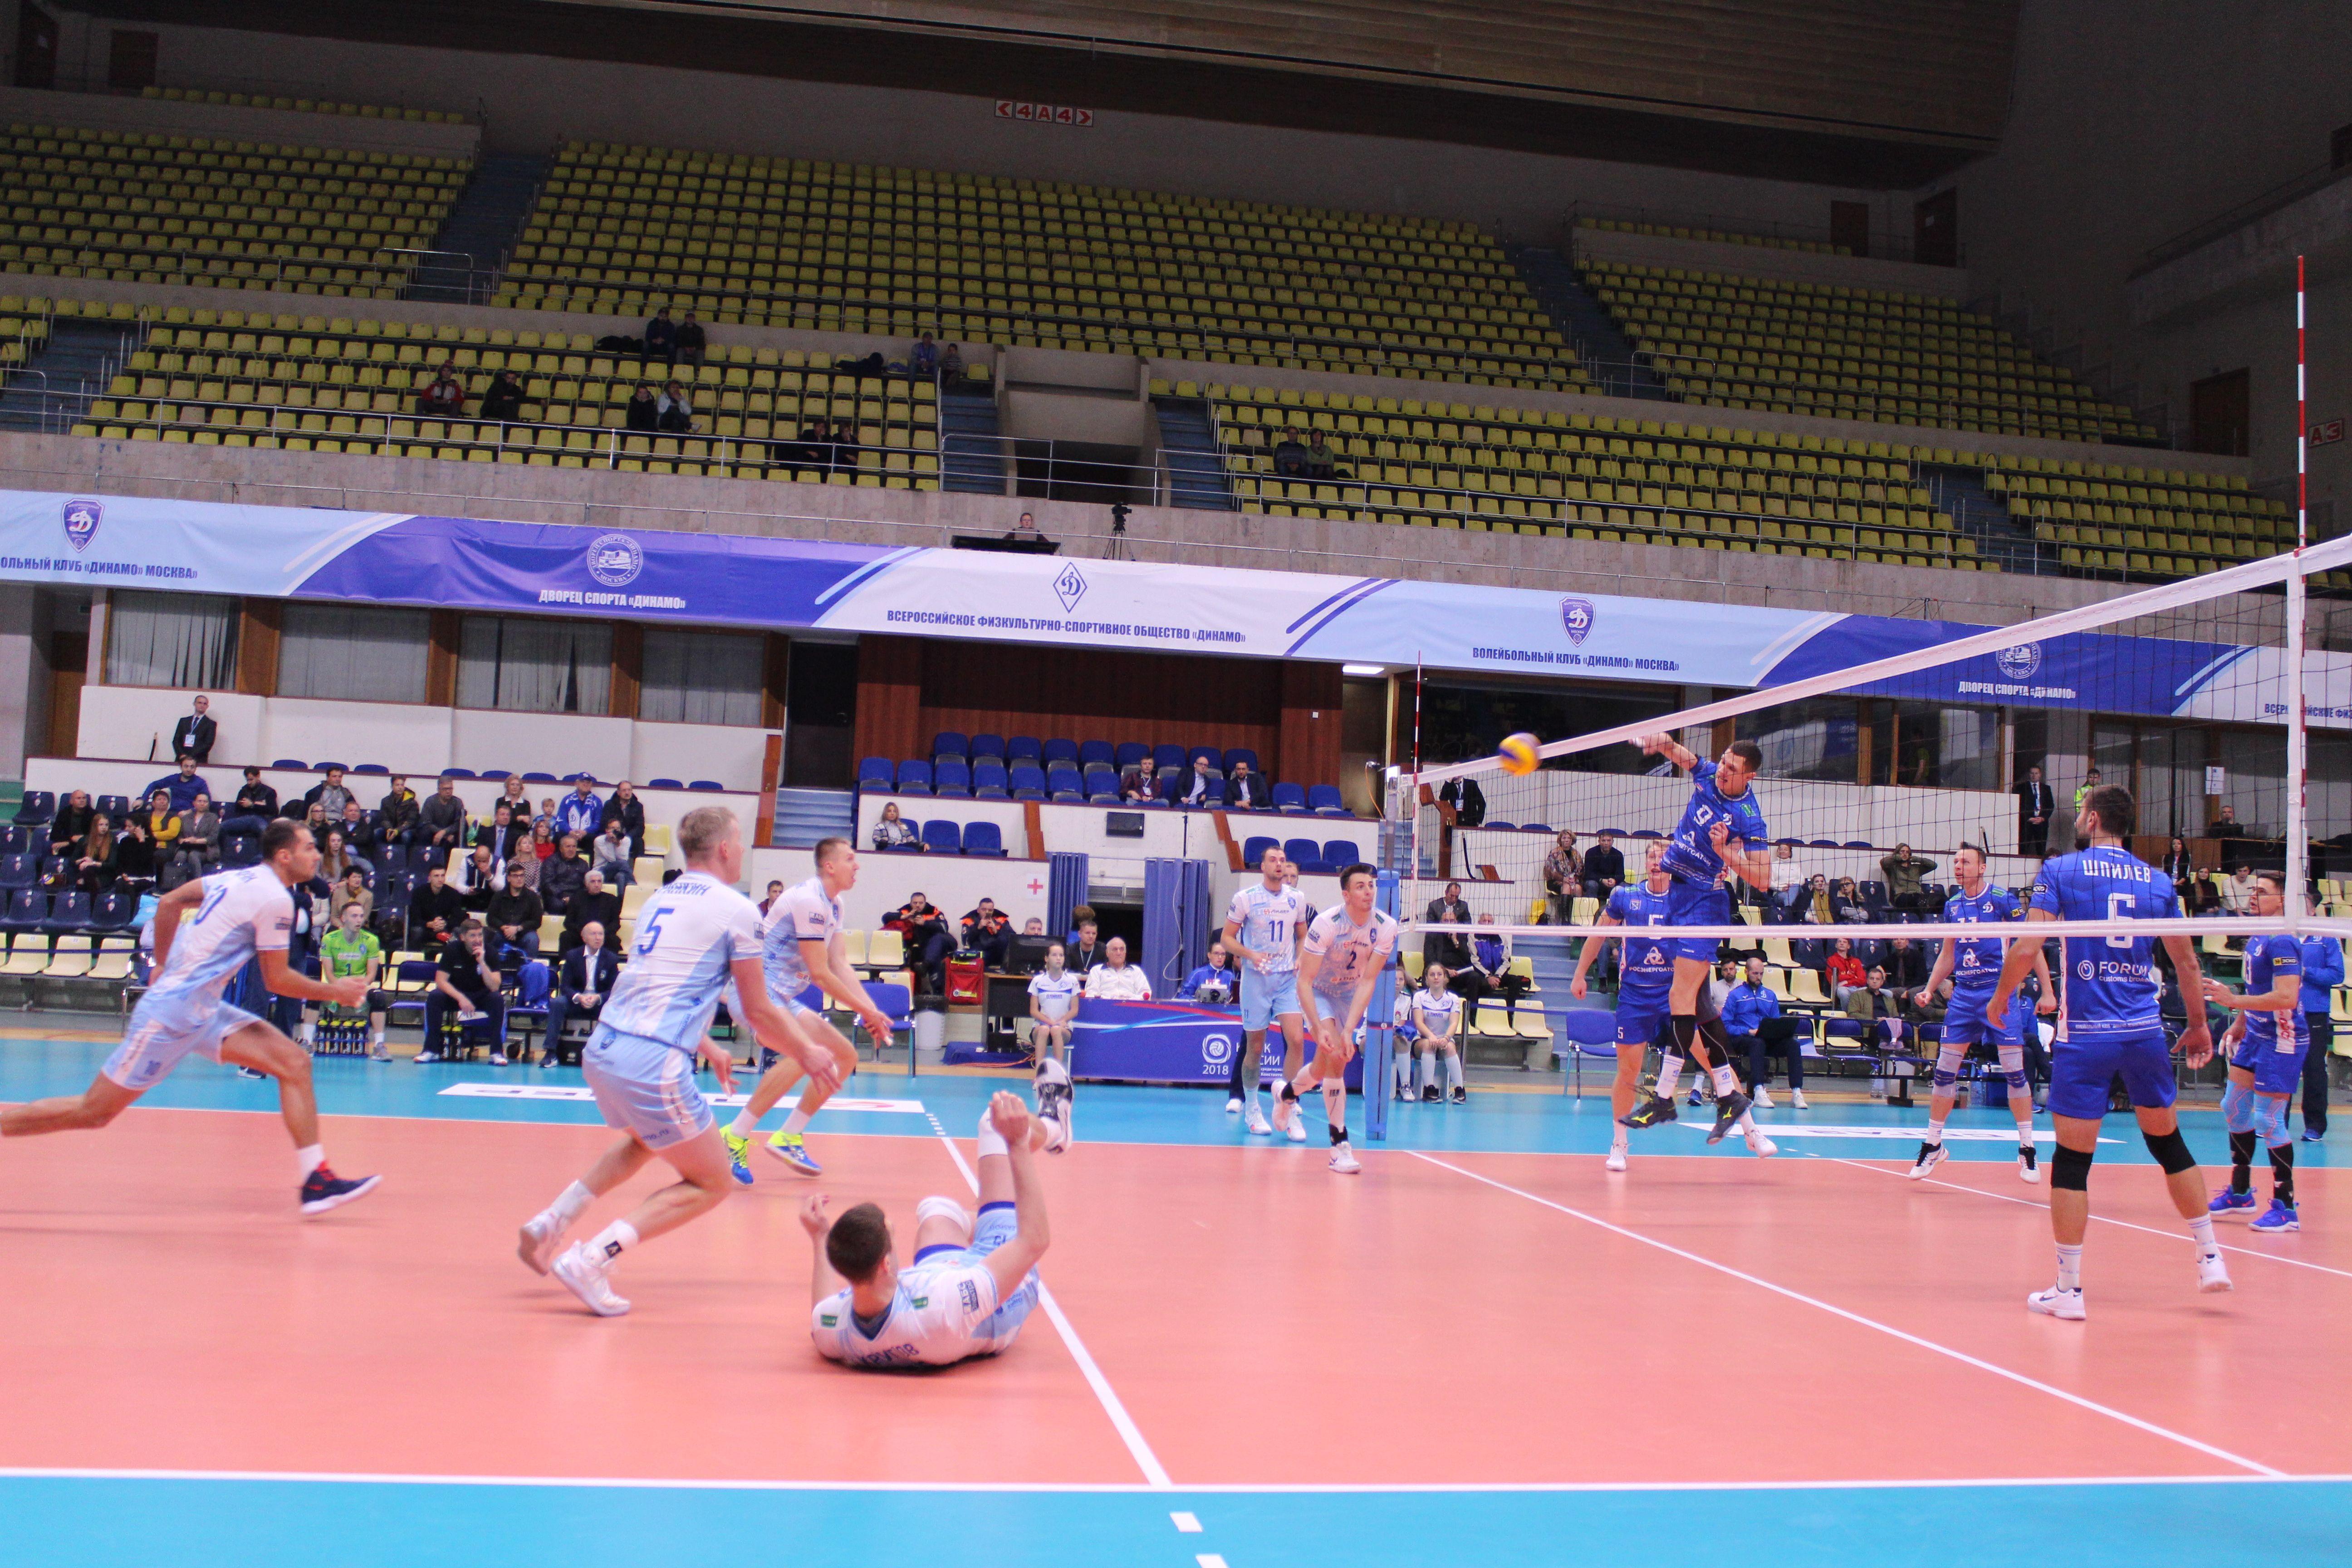 Ветераны сразятся друг с другом на турнире по волейболу в Краснопахорском